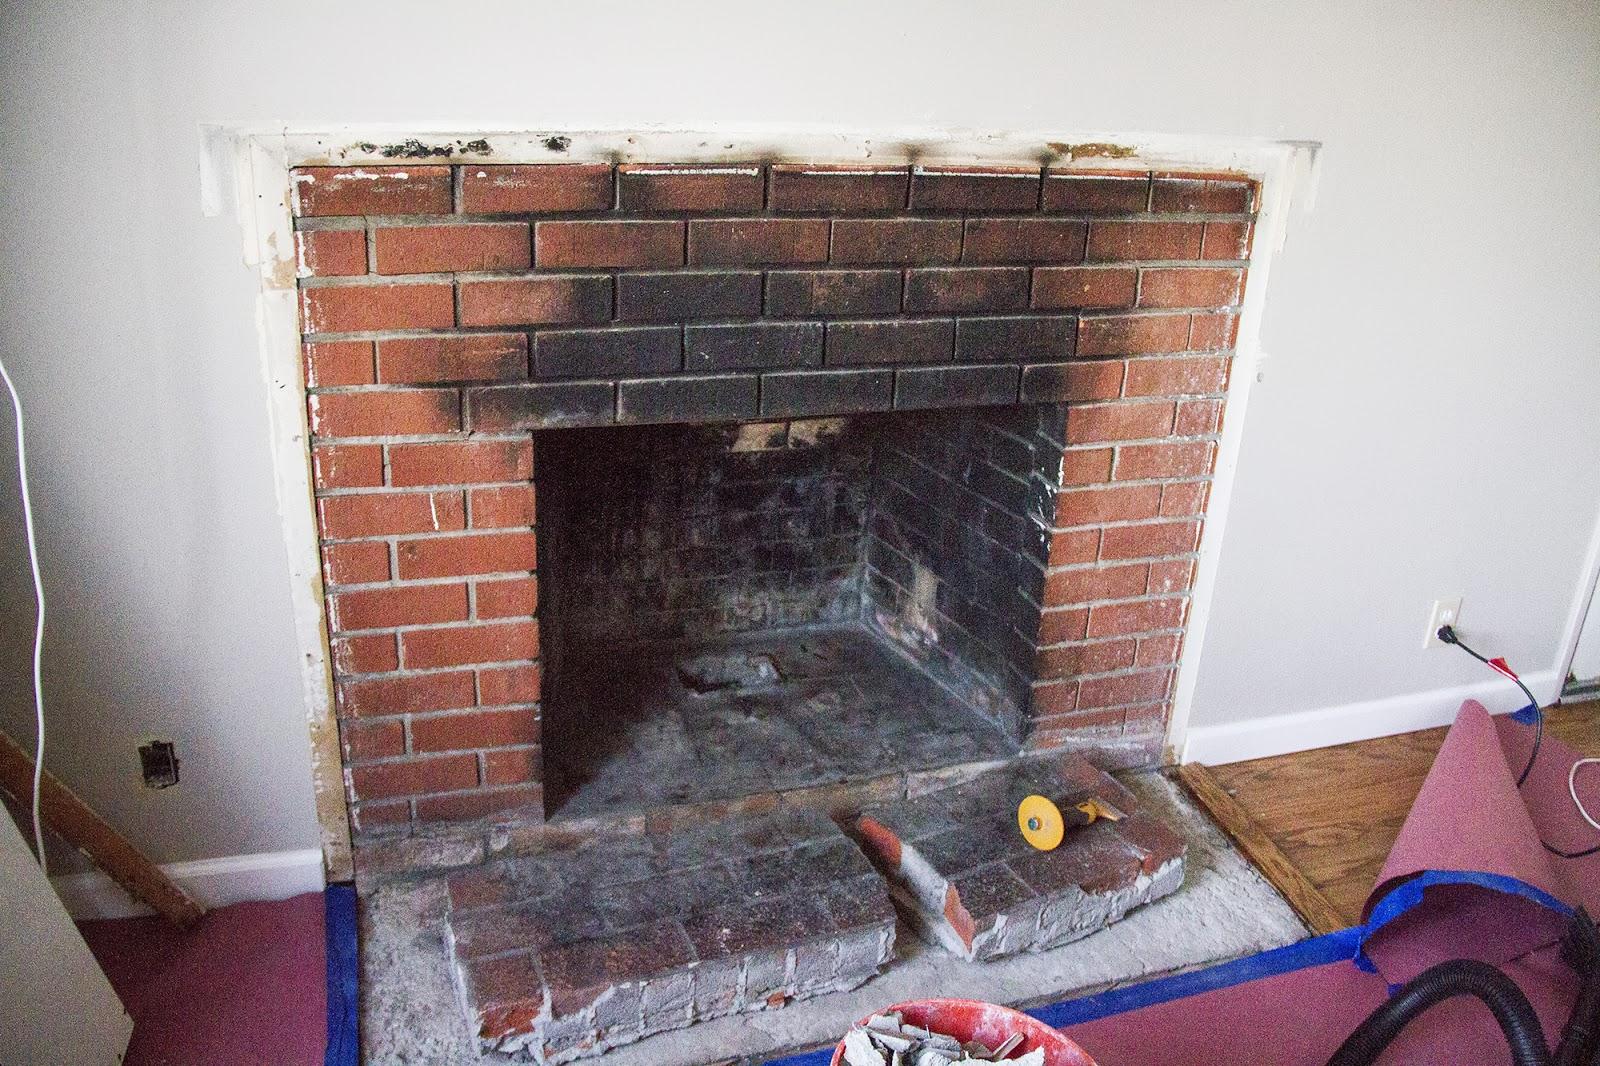 swingncocoa fireplace makeover part 1 a crispy facade